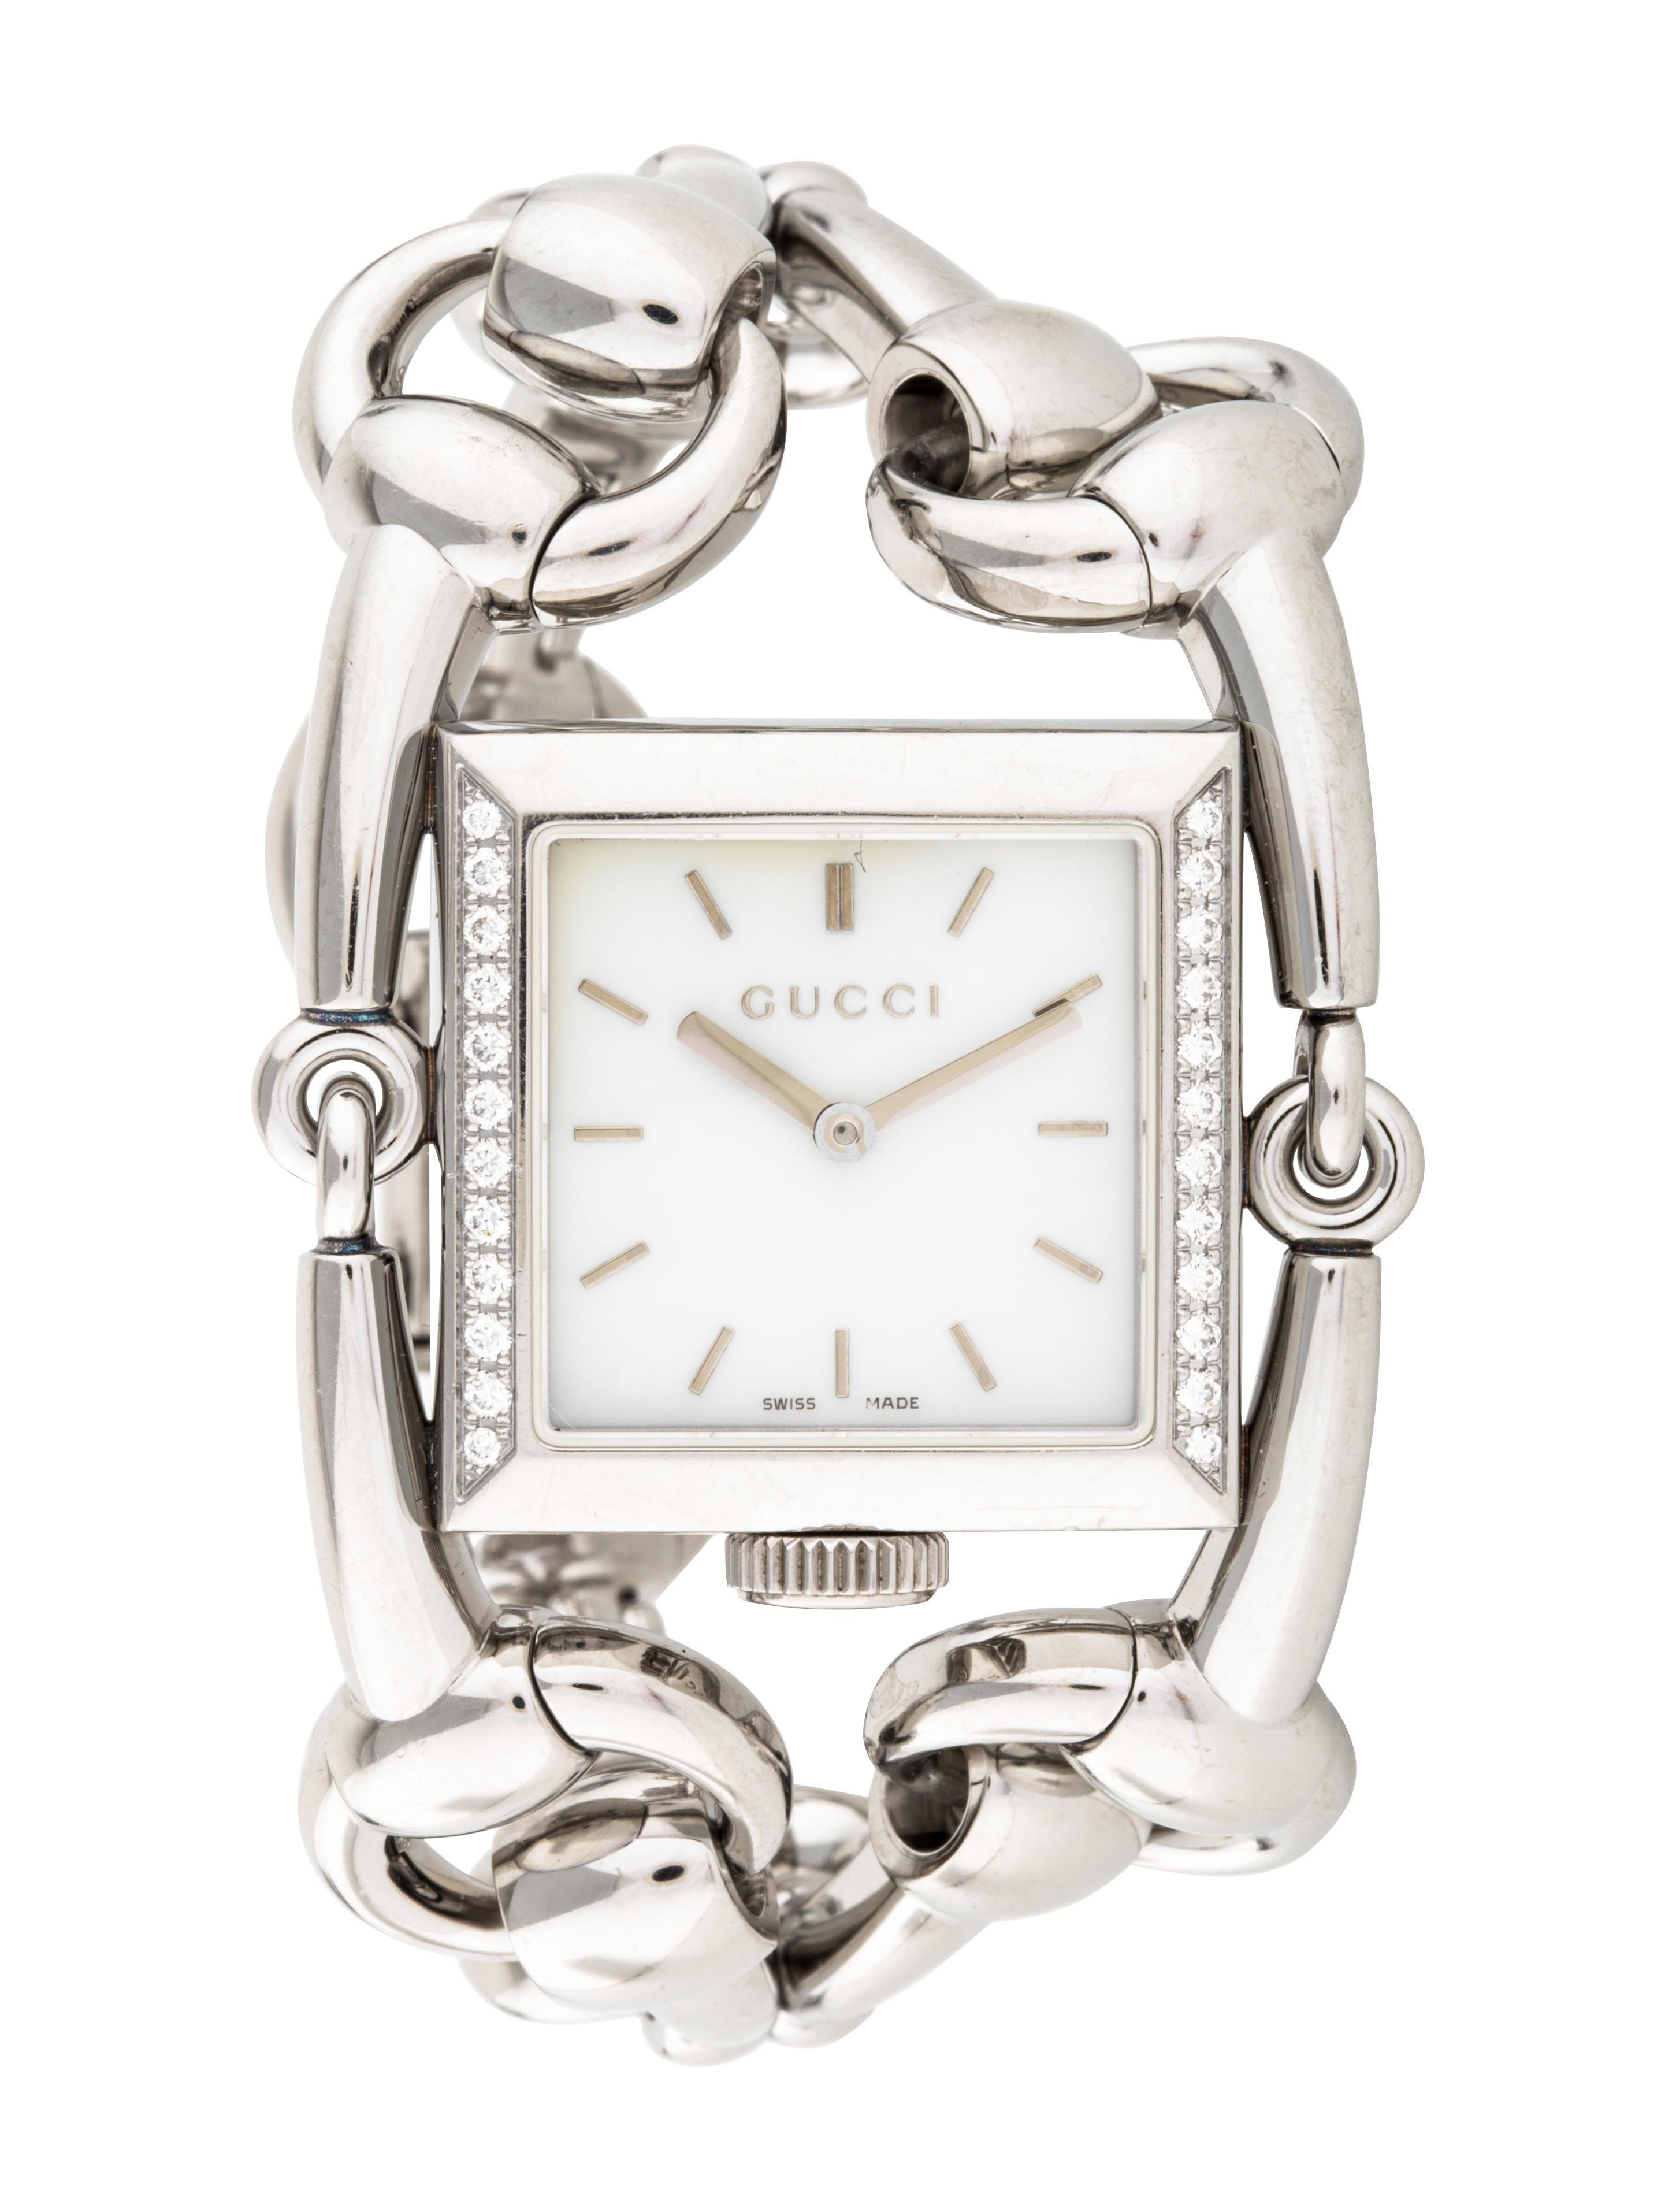 8ed75164cd8 Gucci Signoria Watch - Bracelet - GUC168042